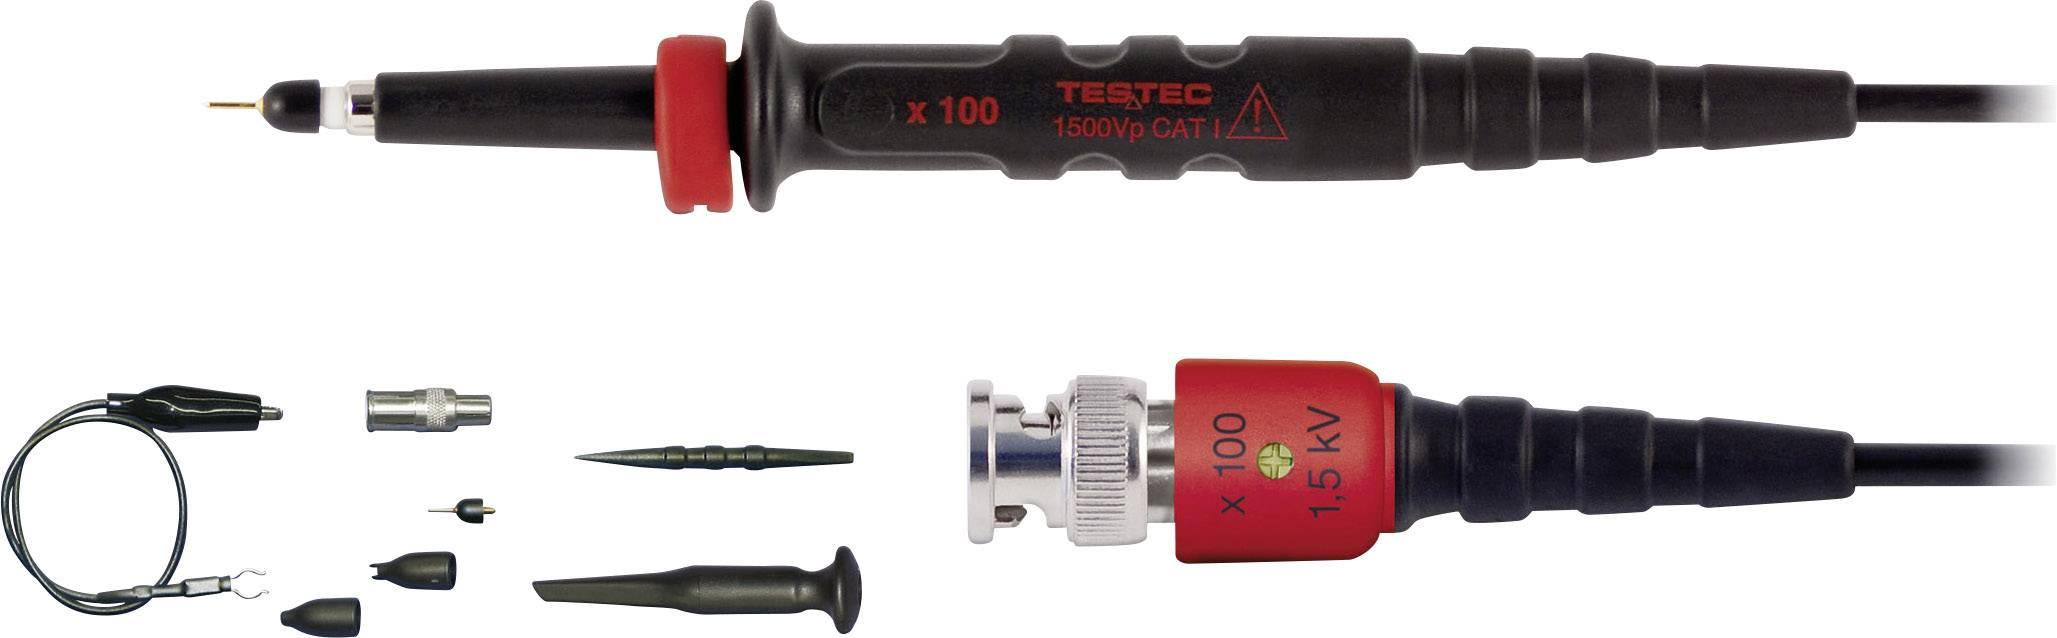 Měřicí sonda pro osciloskopy Testec TT-HV 150 13000, 1500 V, 300 MHz